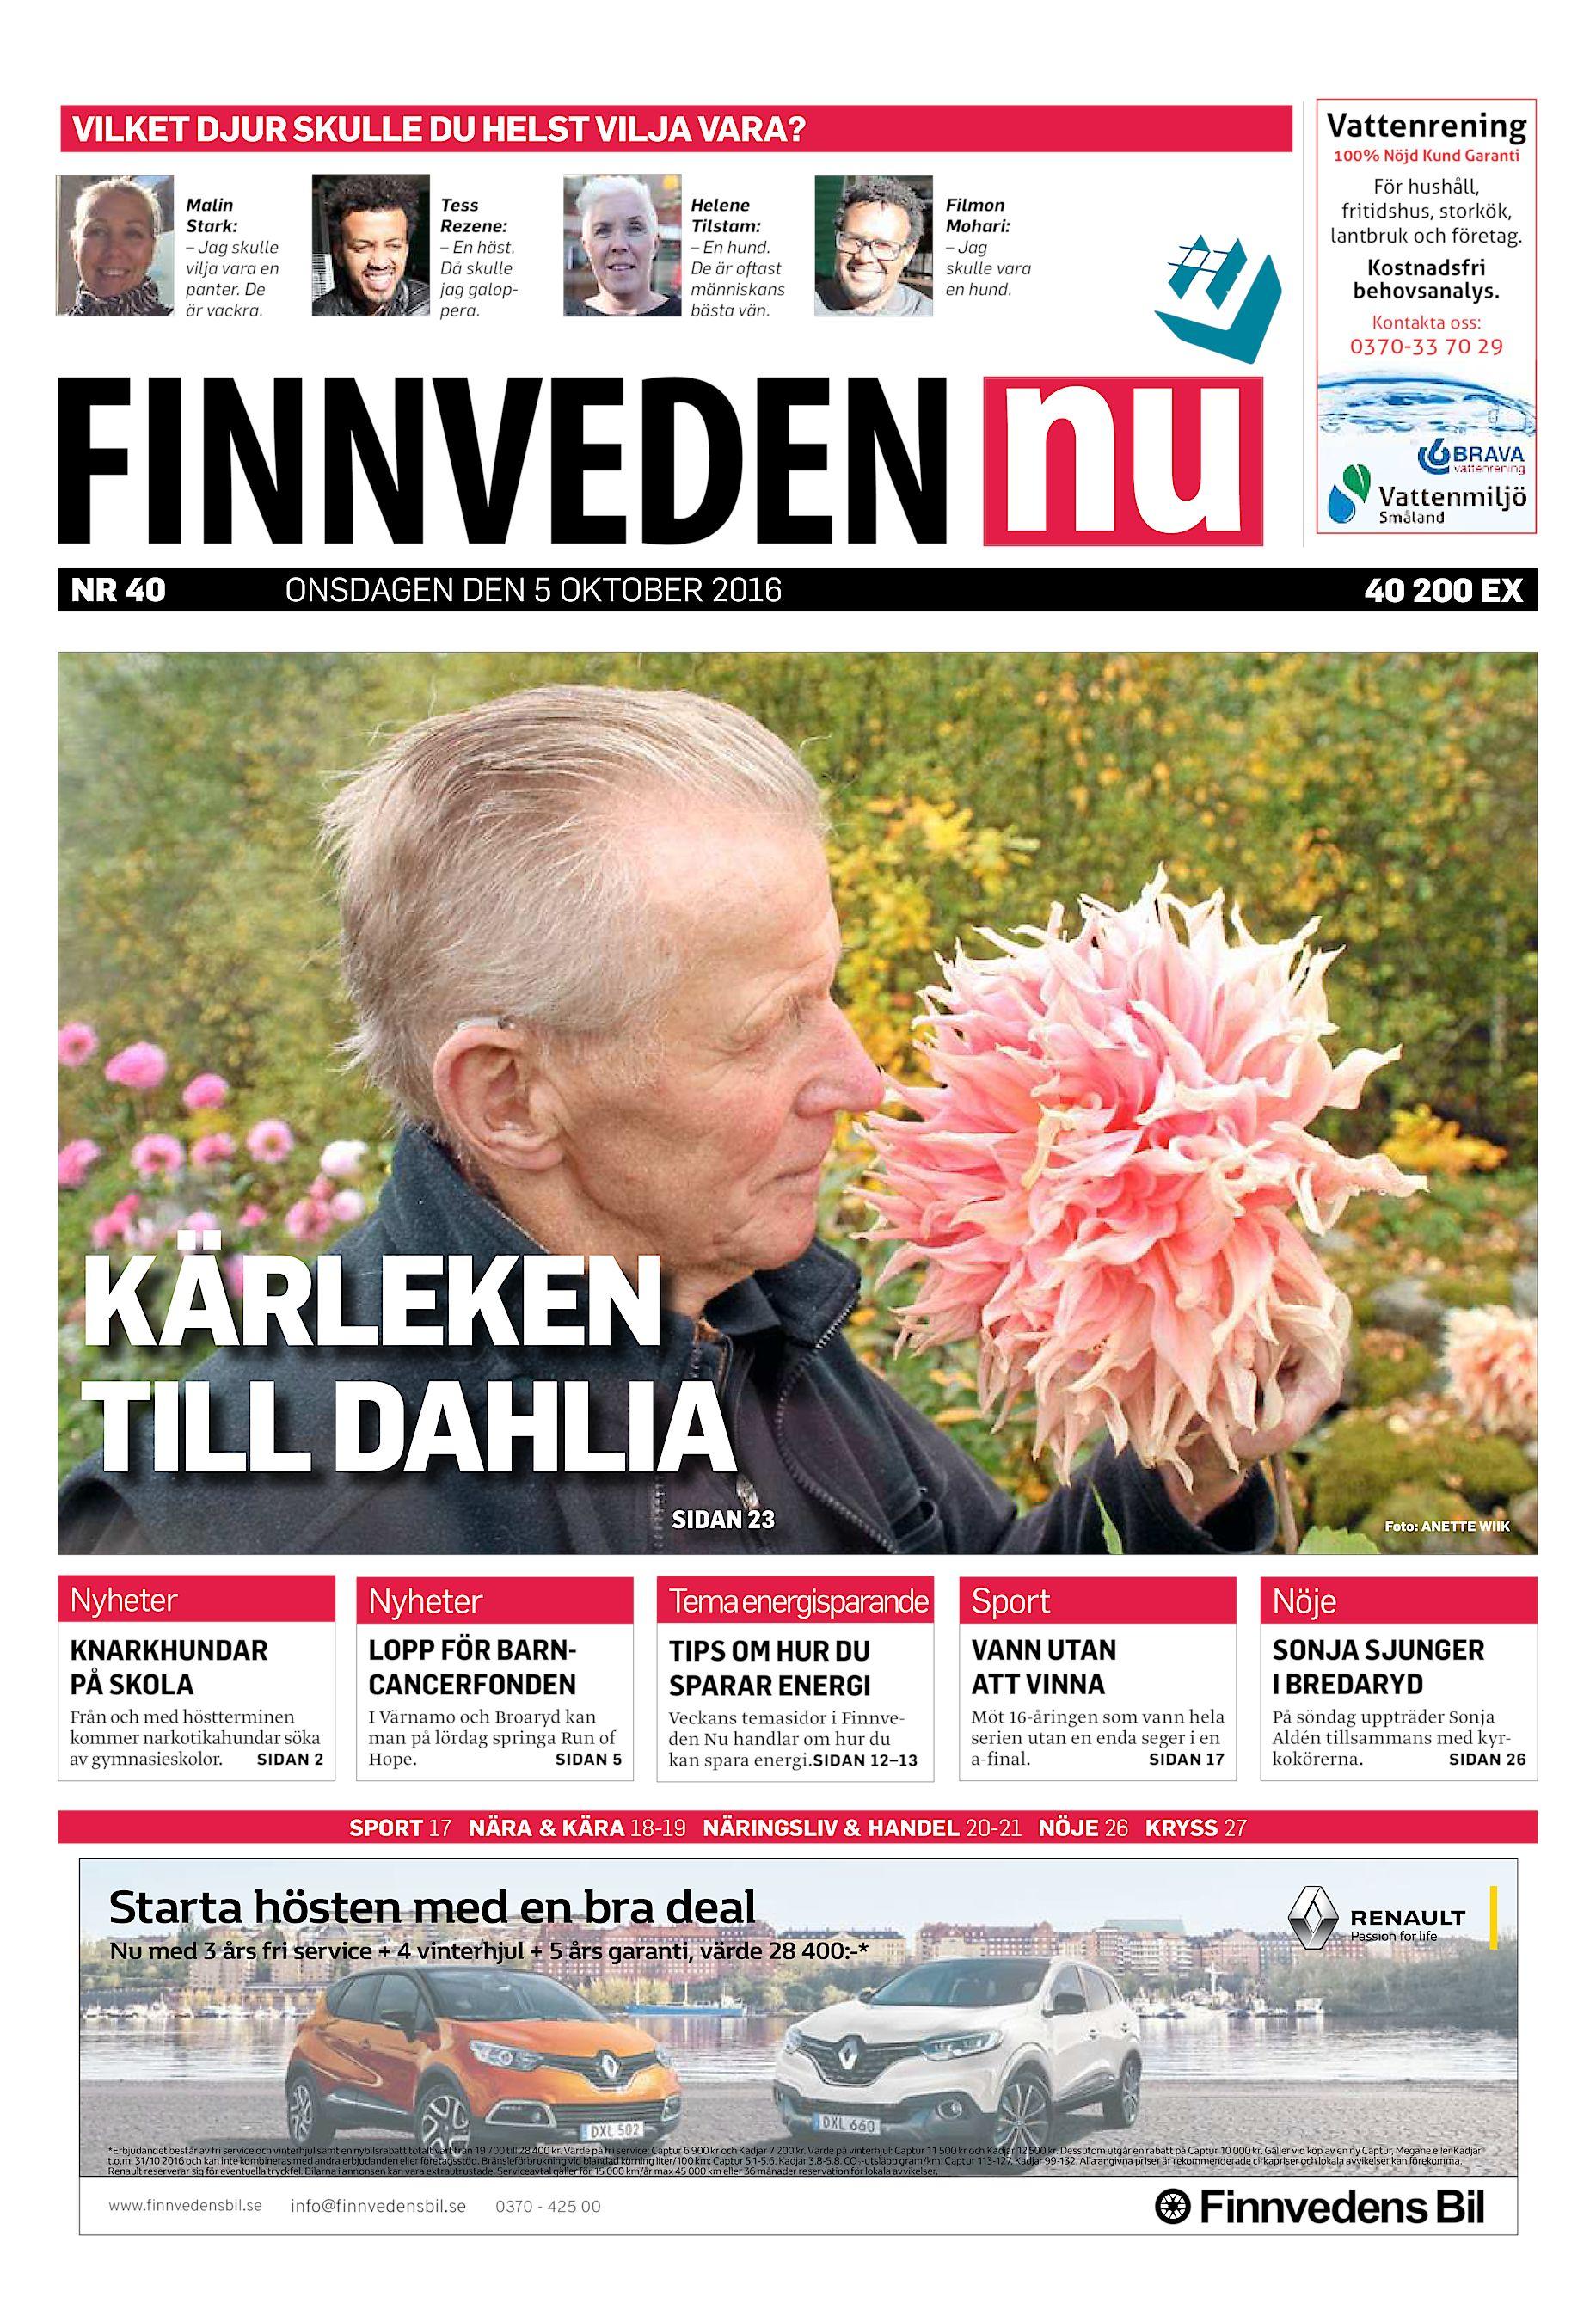 Finnveden.nu FNU-20161005 (endast text) 3bd3b1503546a